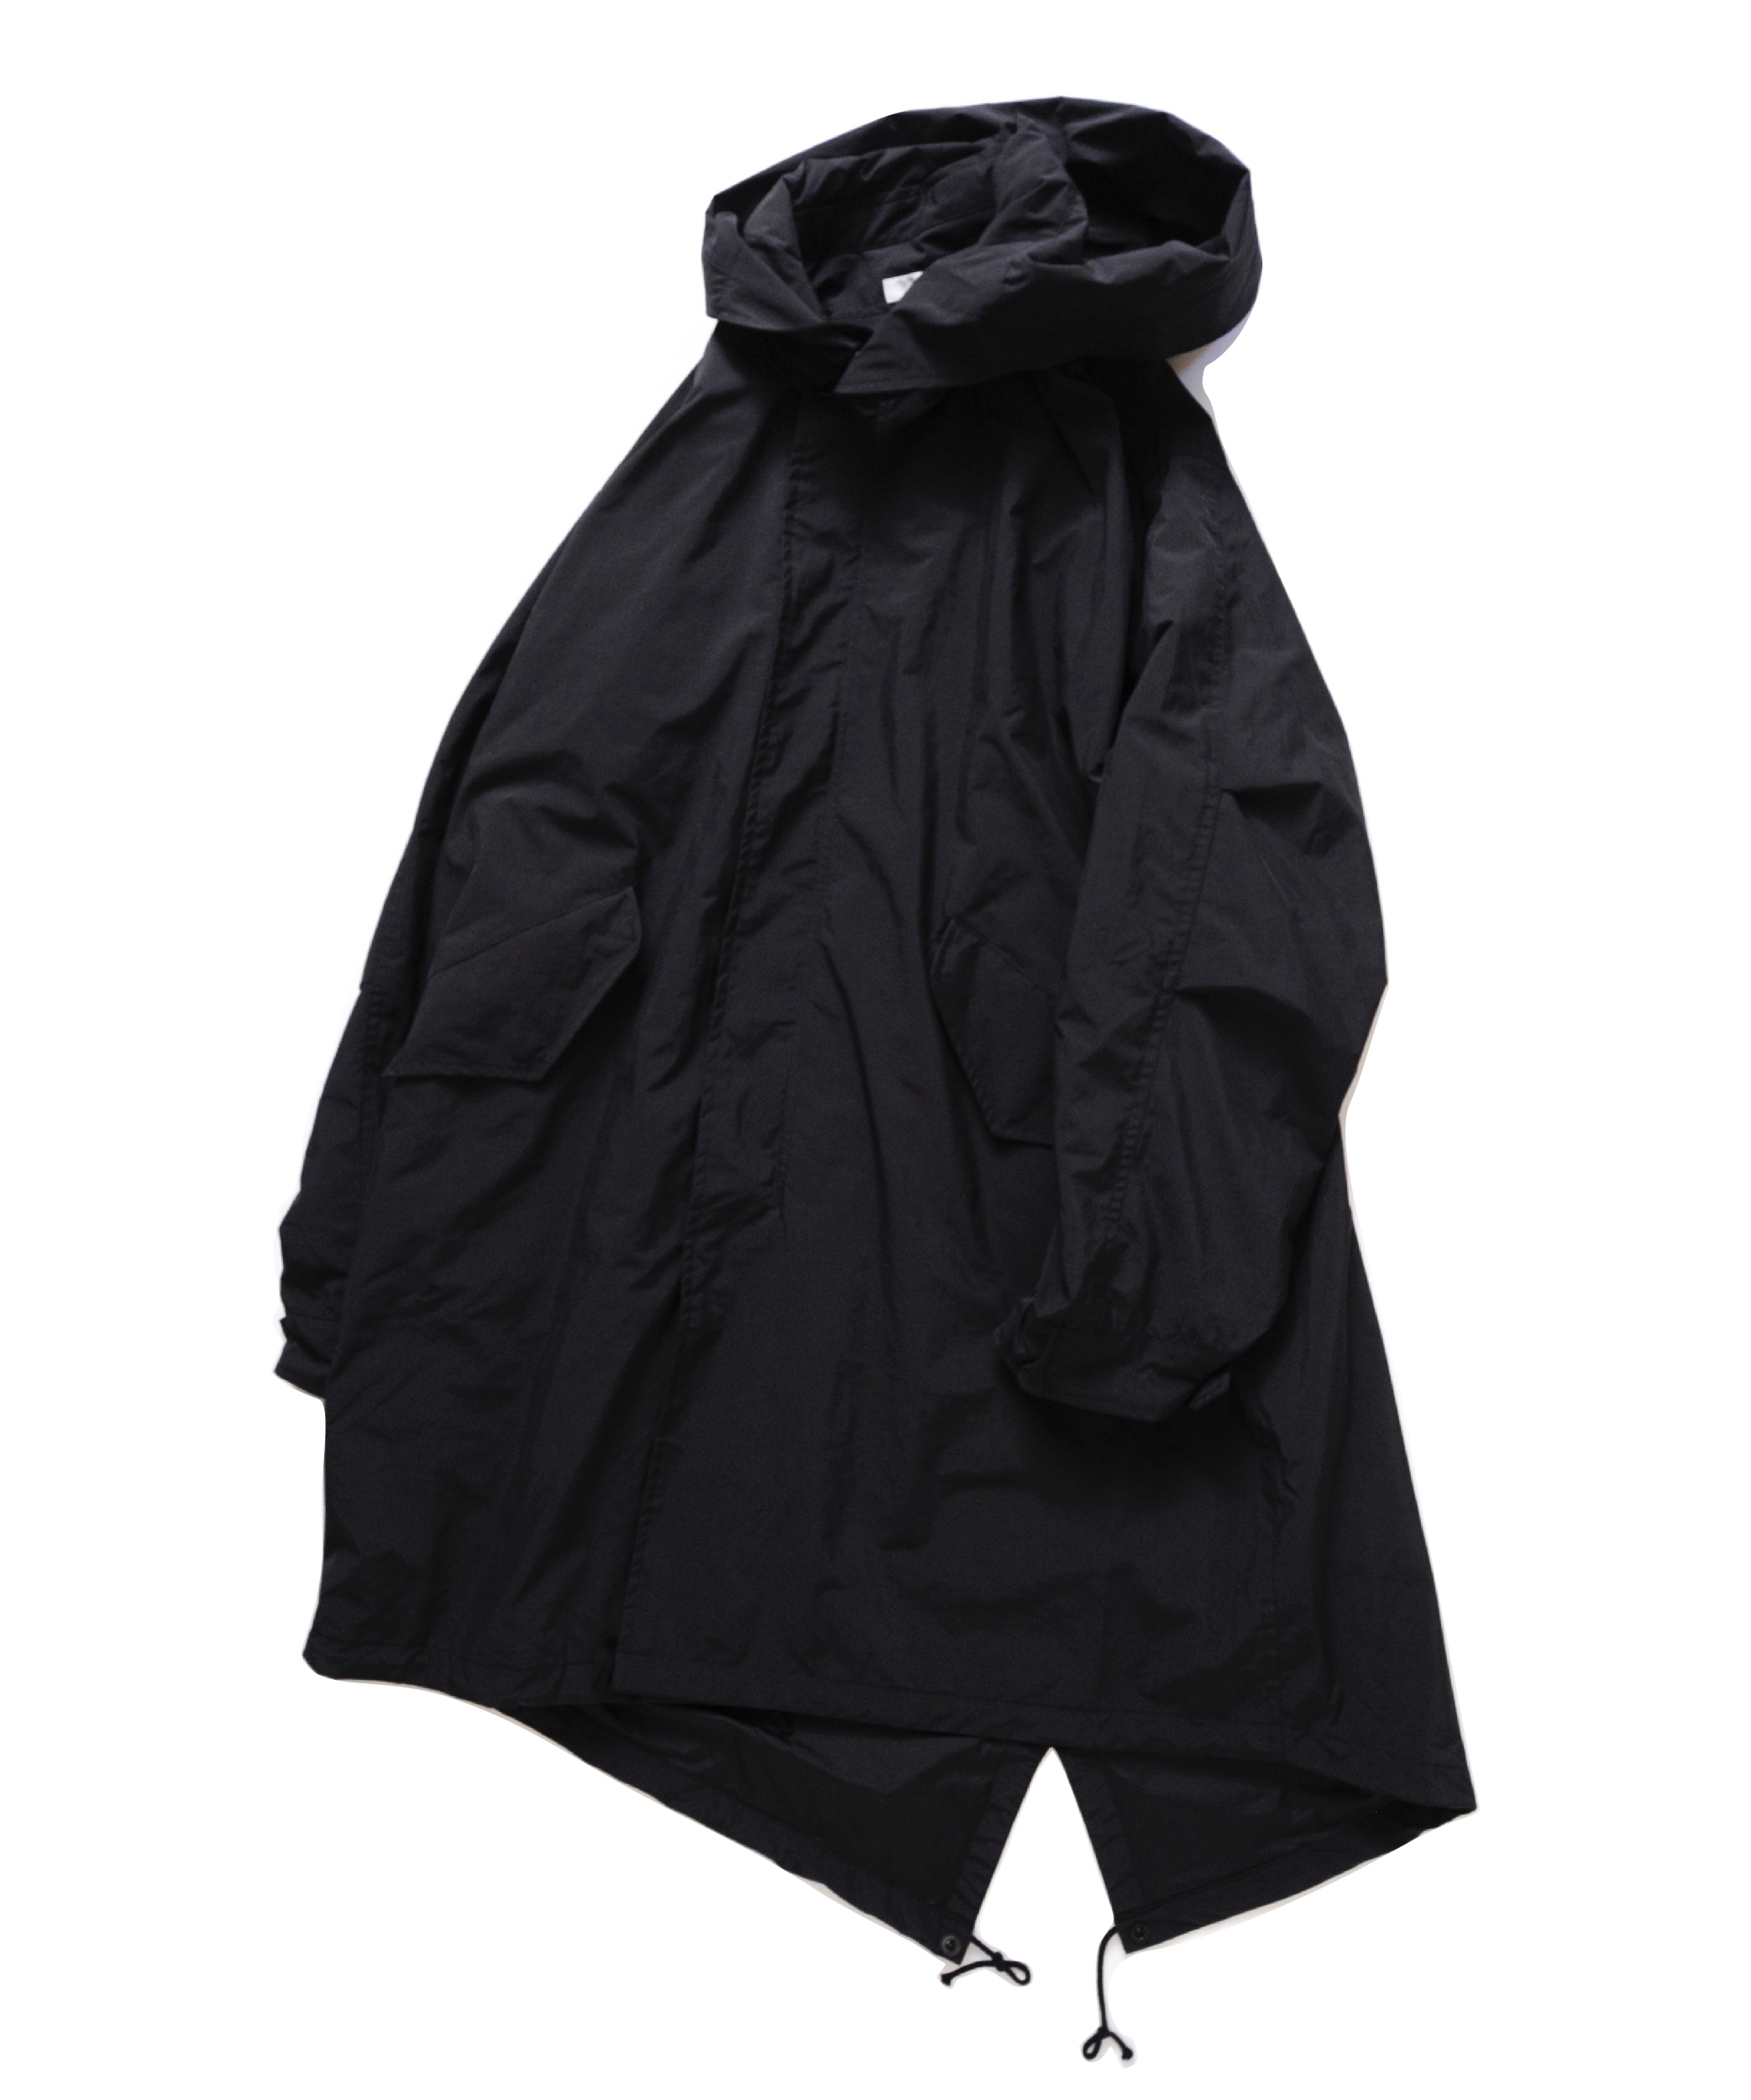 eel_papercoat_2-02.JPG